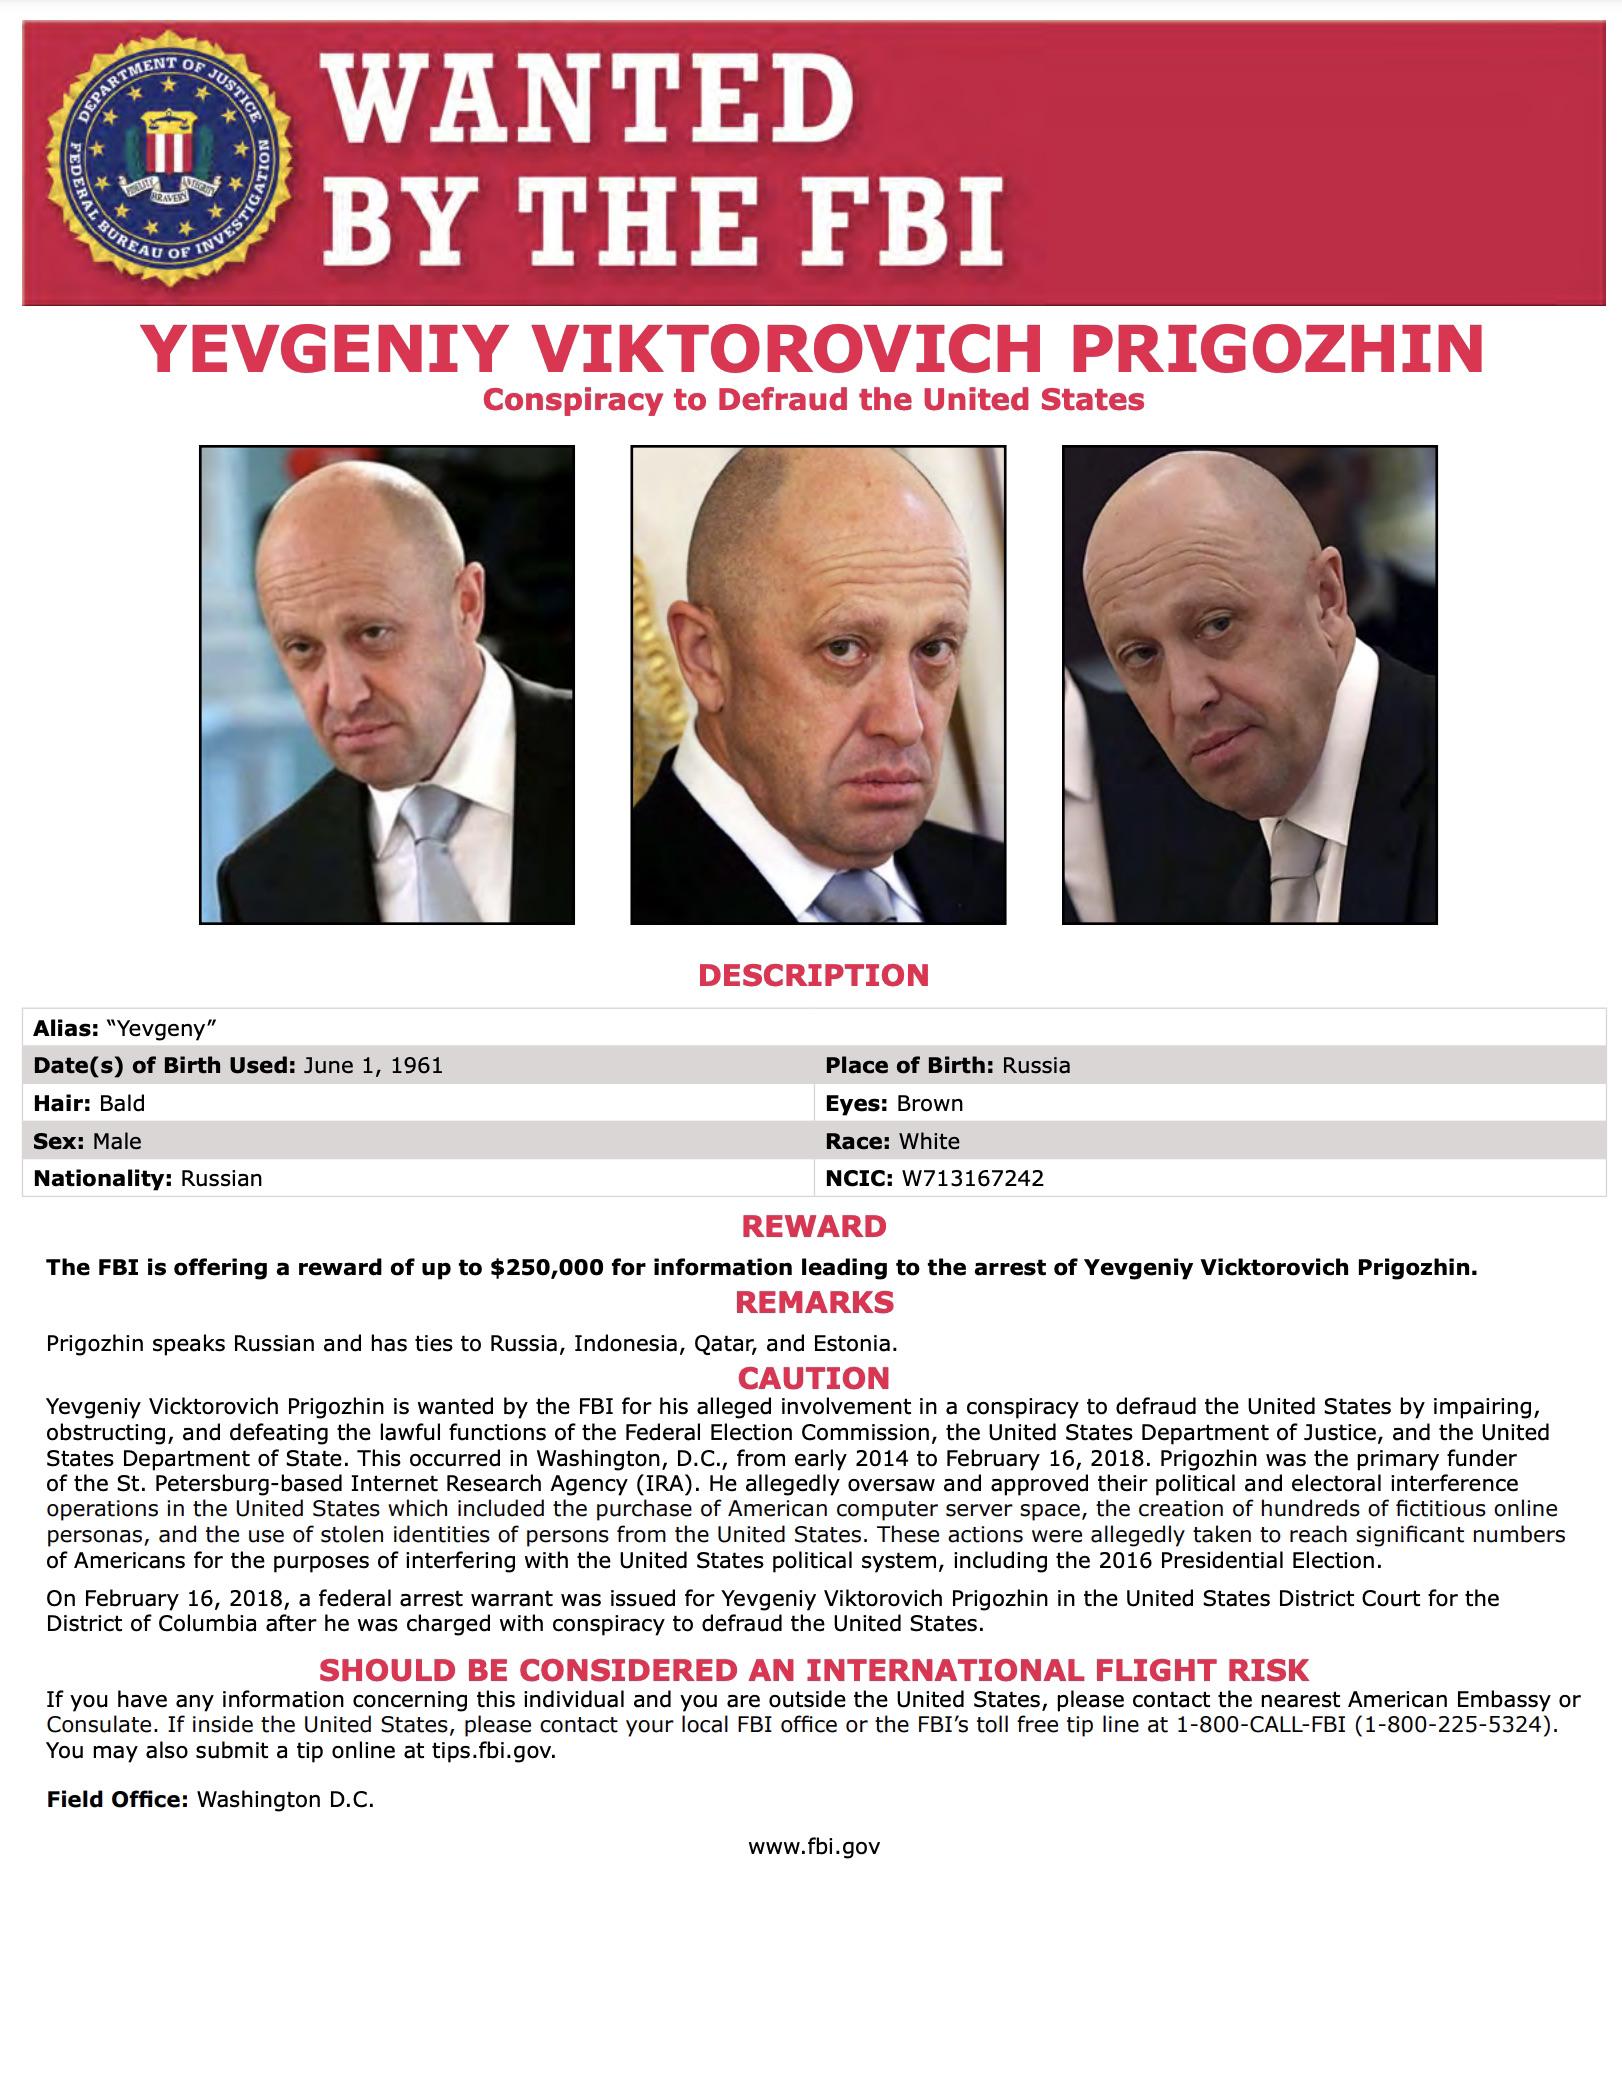 Wanted by FBI: YEVGENIY VIKTOROVICH PRIGOZHIN